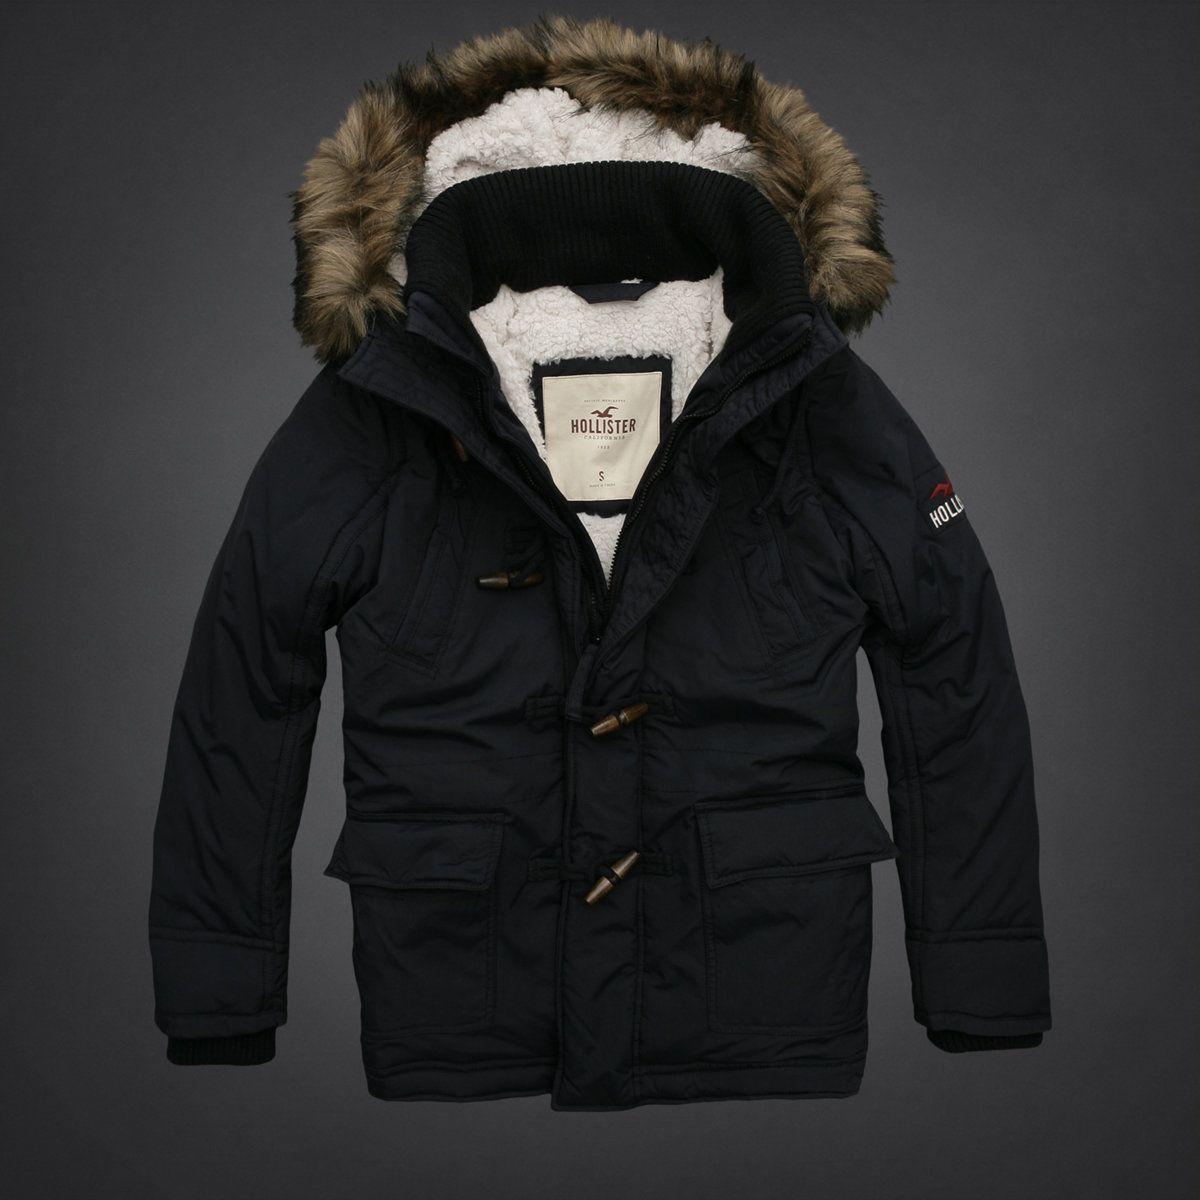 Hollywood Beach Jacket Jackets Outerwear Jackets Beach Jacket [ 1200 x 1200 Pixel ]